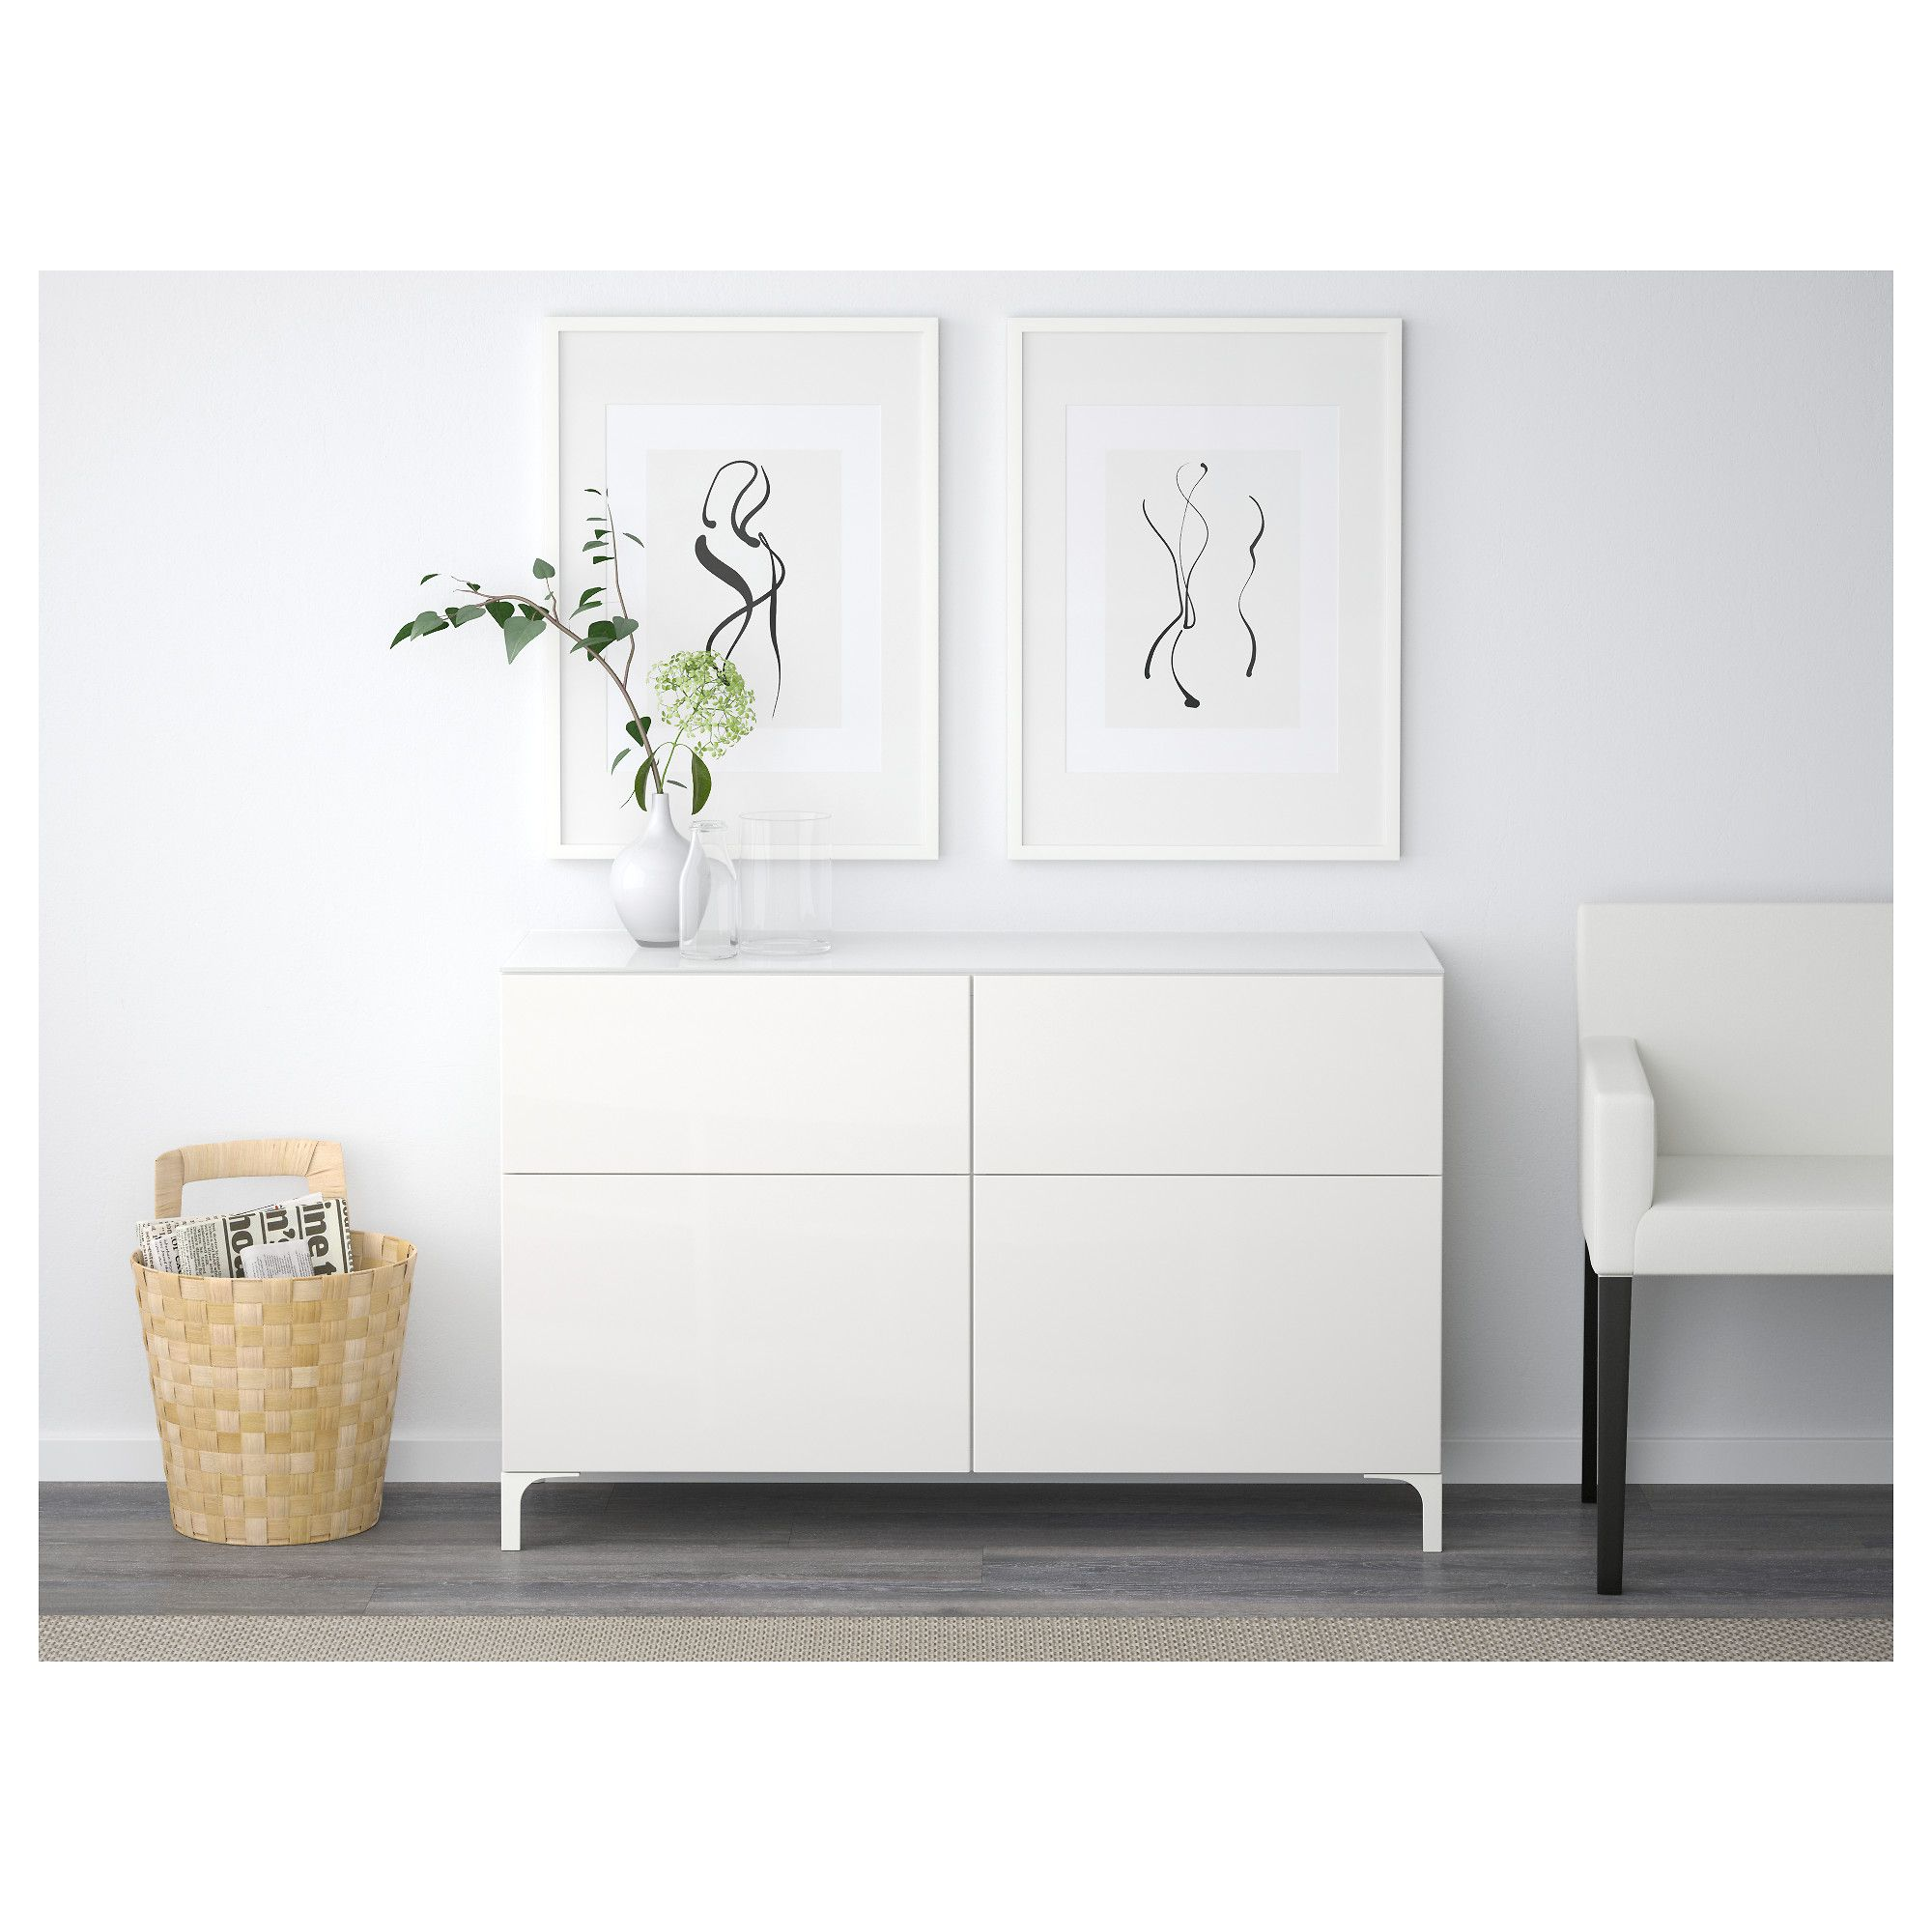 Ikea best mobili con cassetti guida cassetto chiusura silenziosa bianco selsviken lucido - Decorazioni muro ikea ...